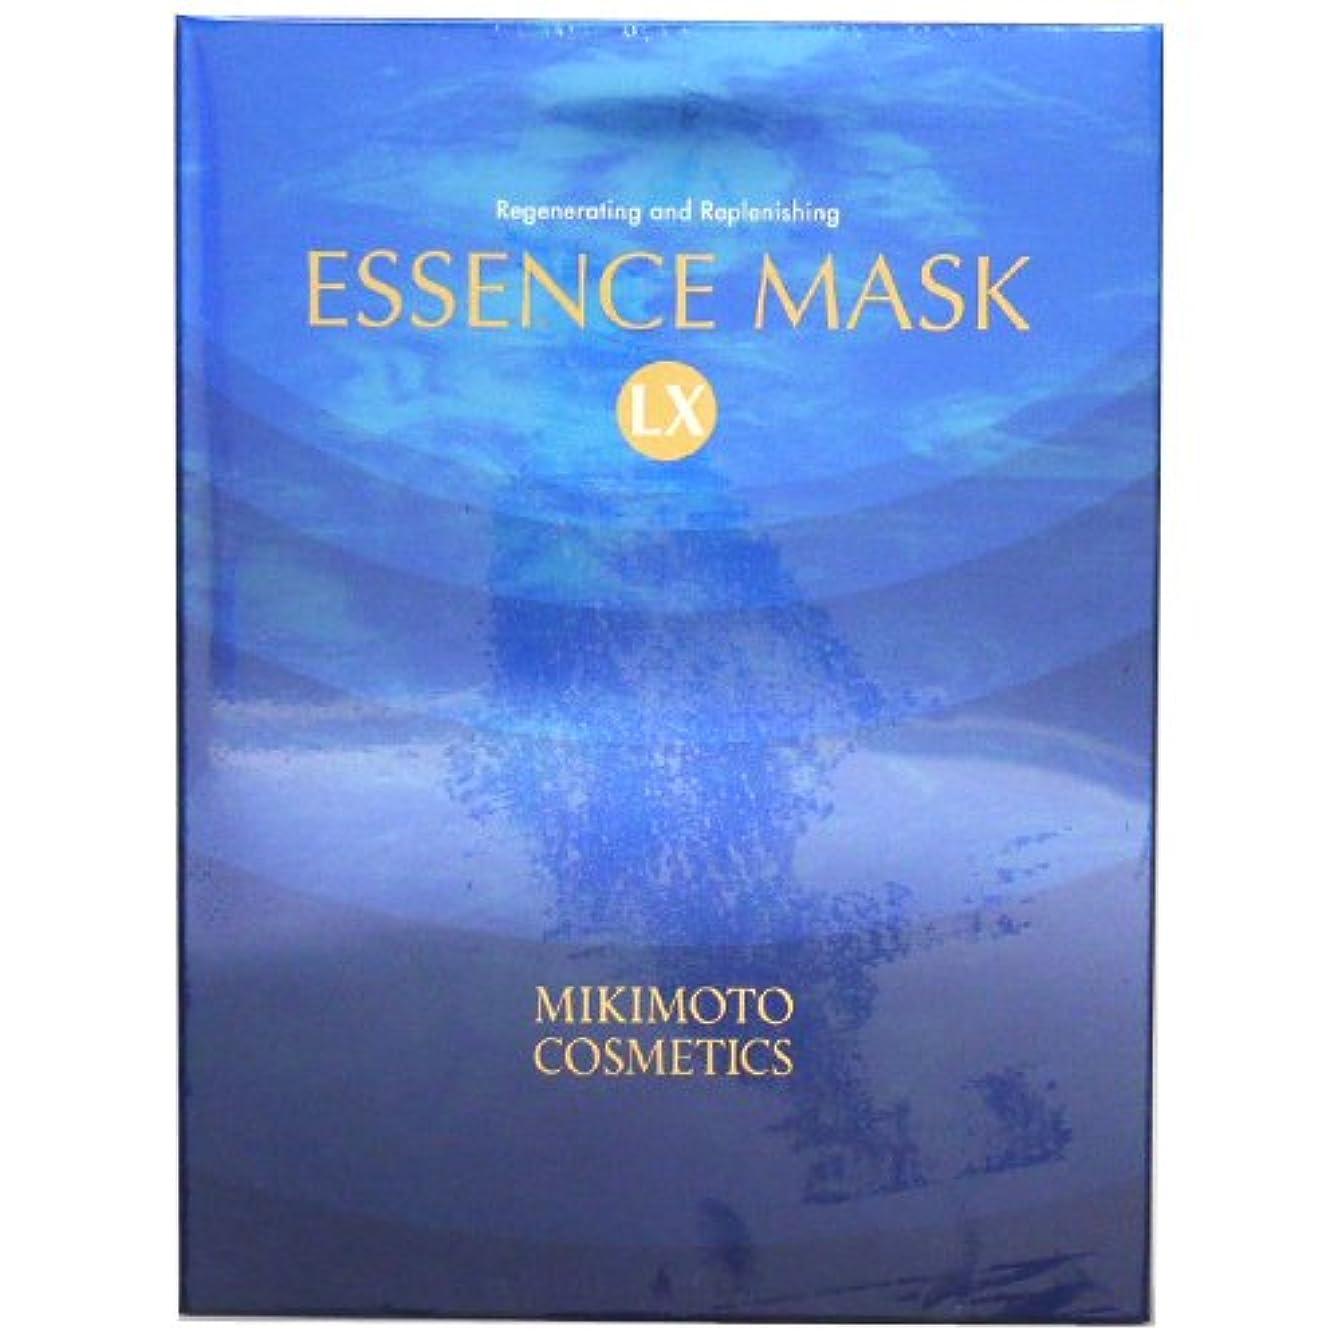 震える役に立たないバンジージャンプミキモト化粧品 MIKIMOTO コスメティックス エッセンスマスクLX (シート状美容マスク) 【6枚入】